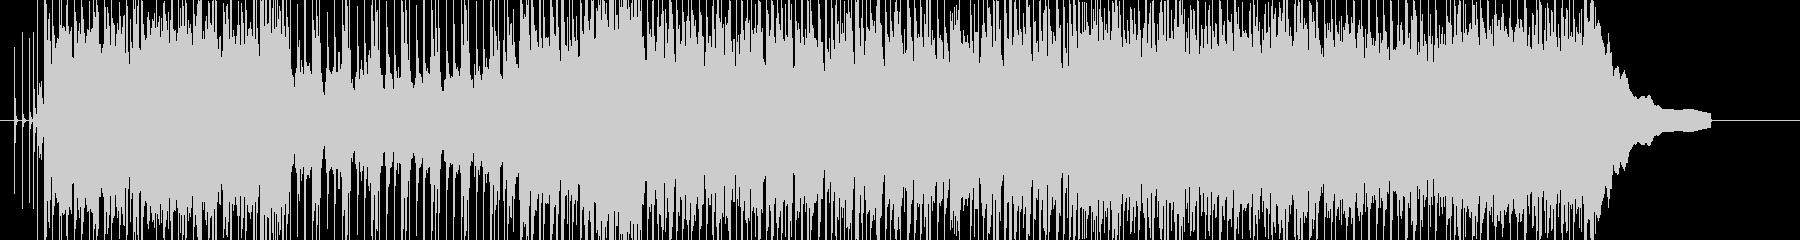 アコギ、エレキメインのポップインストの未再生の波形